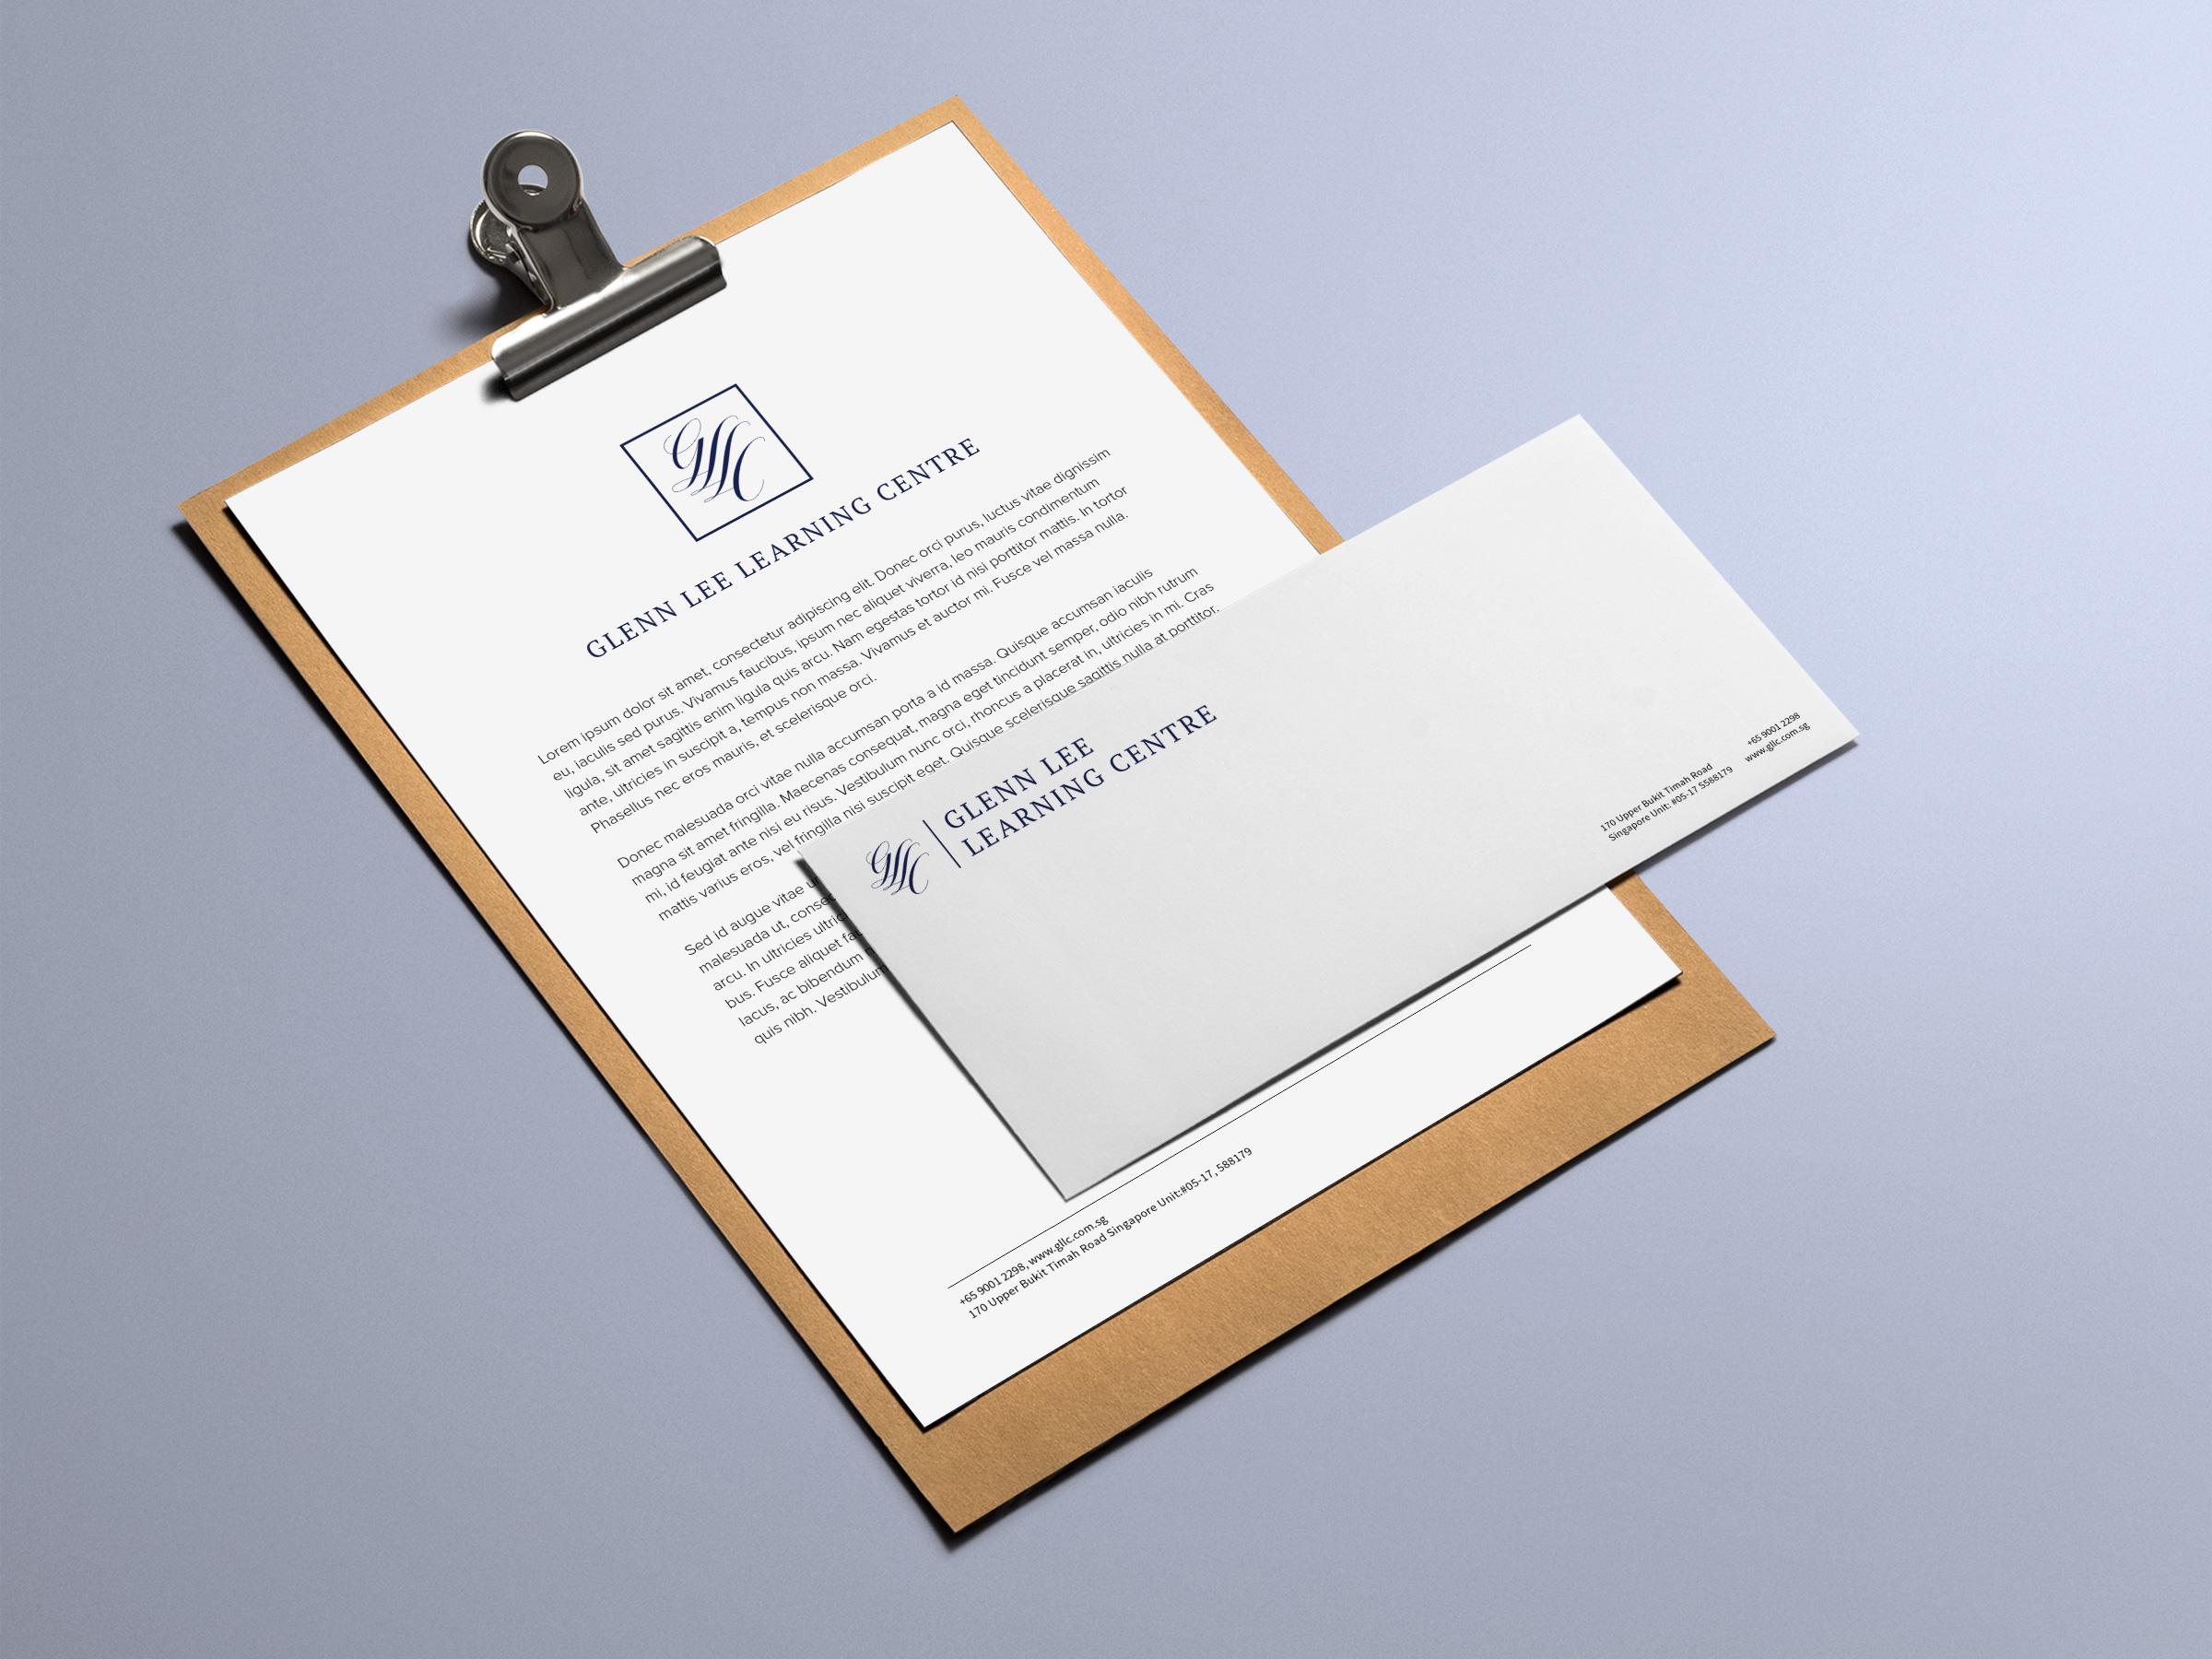 Glenn Lee Learning Centre Singapore Logo Design Branding Rebrand Document-+-Envelope.jpg